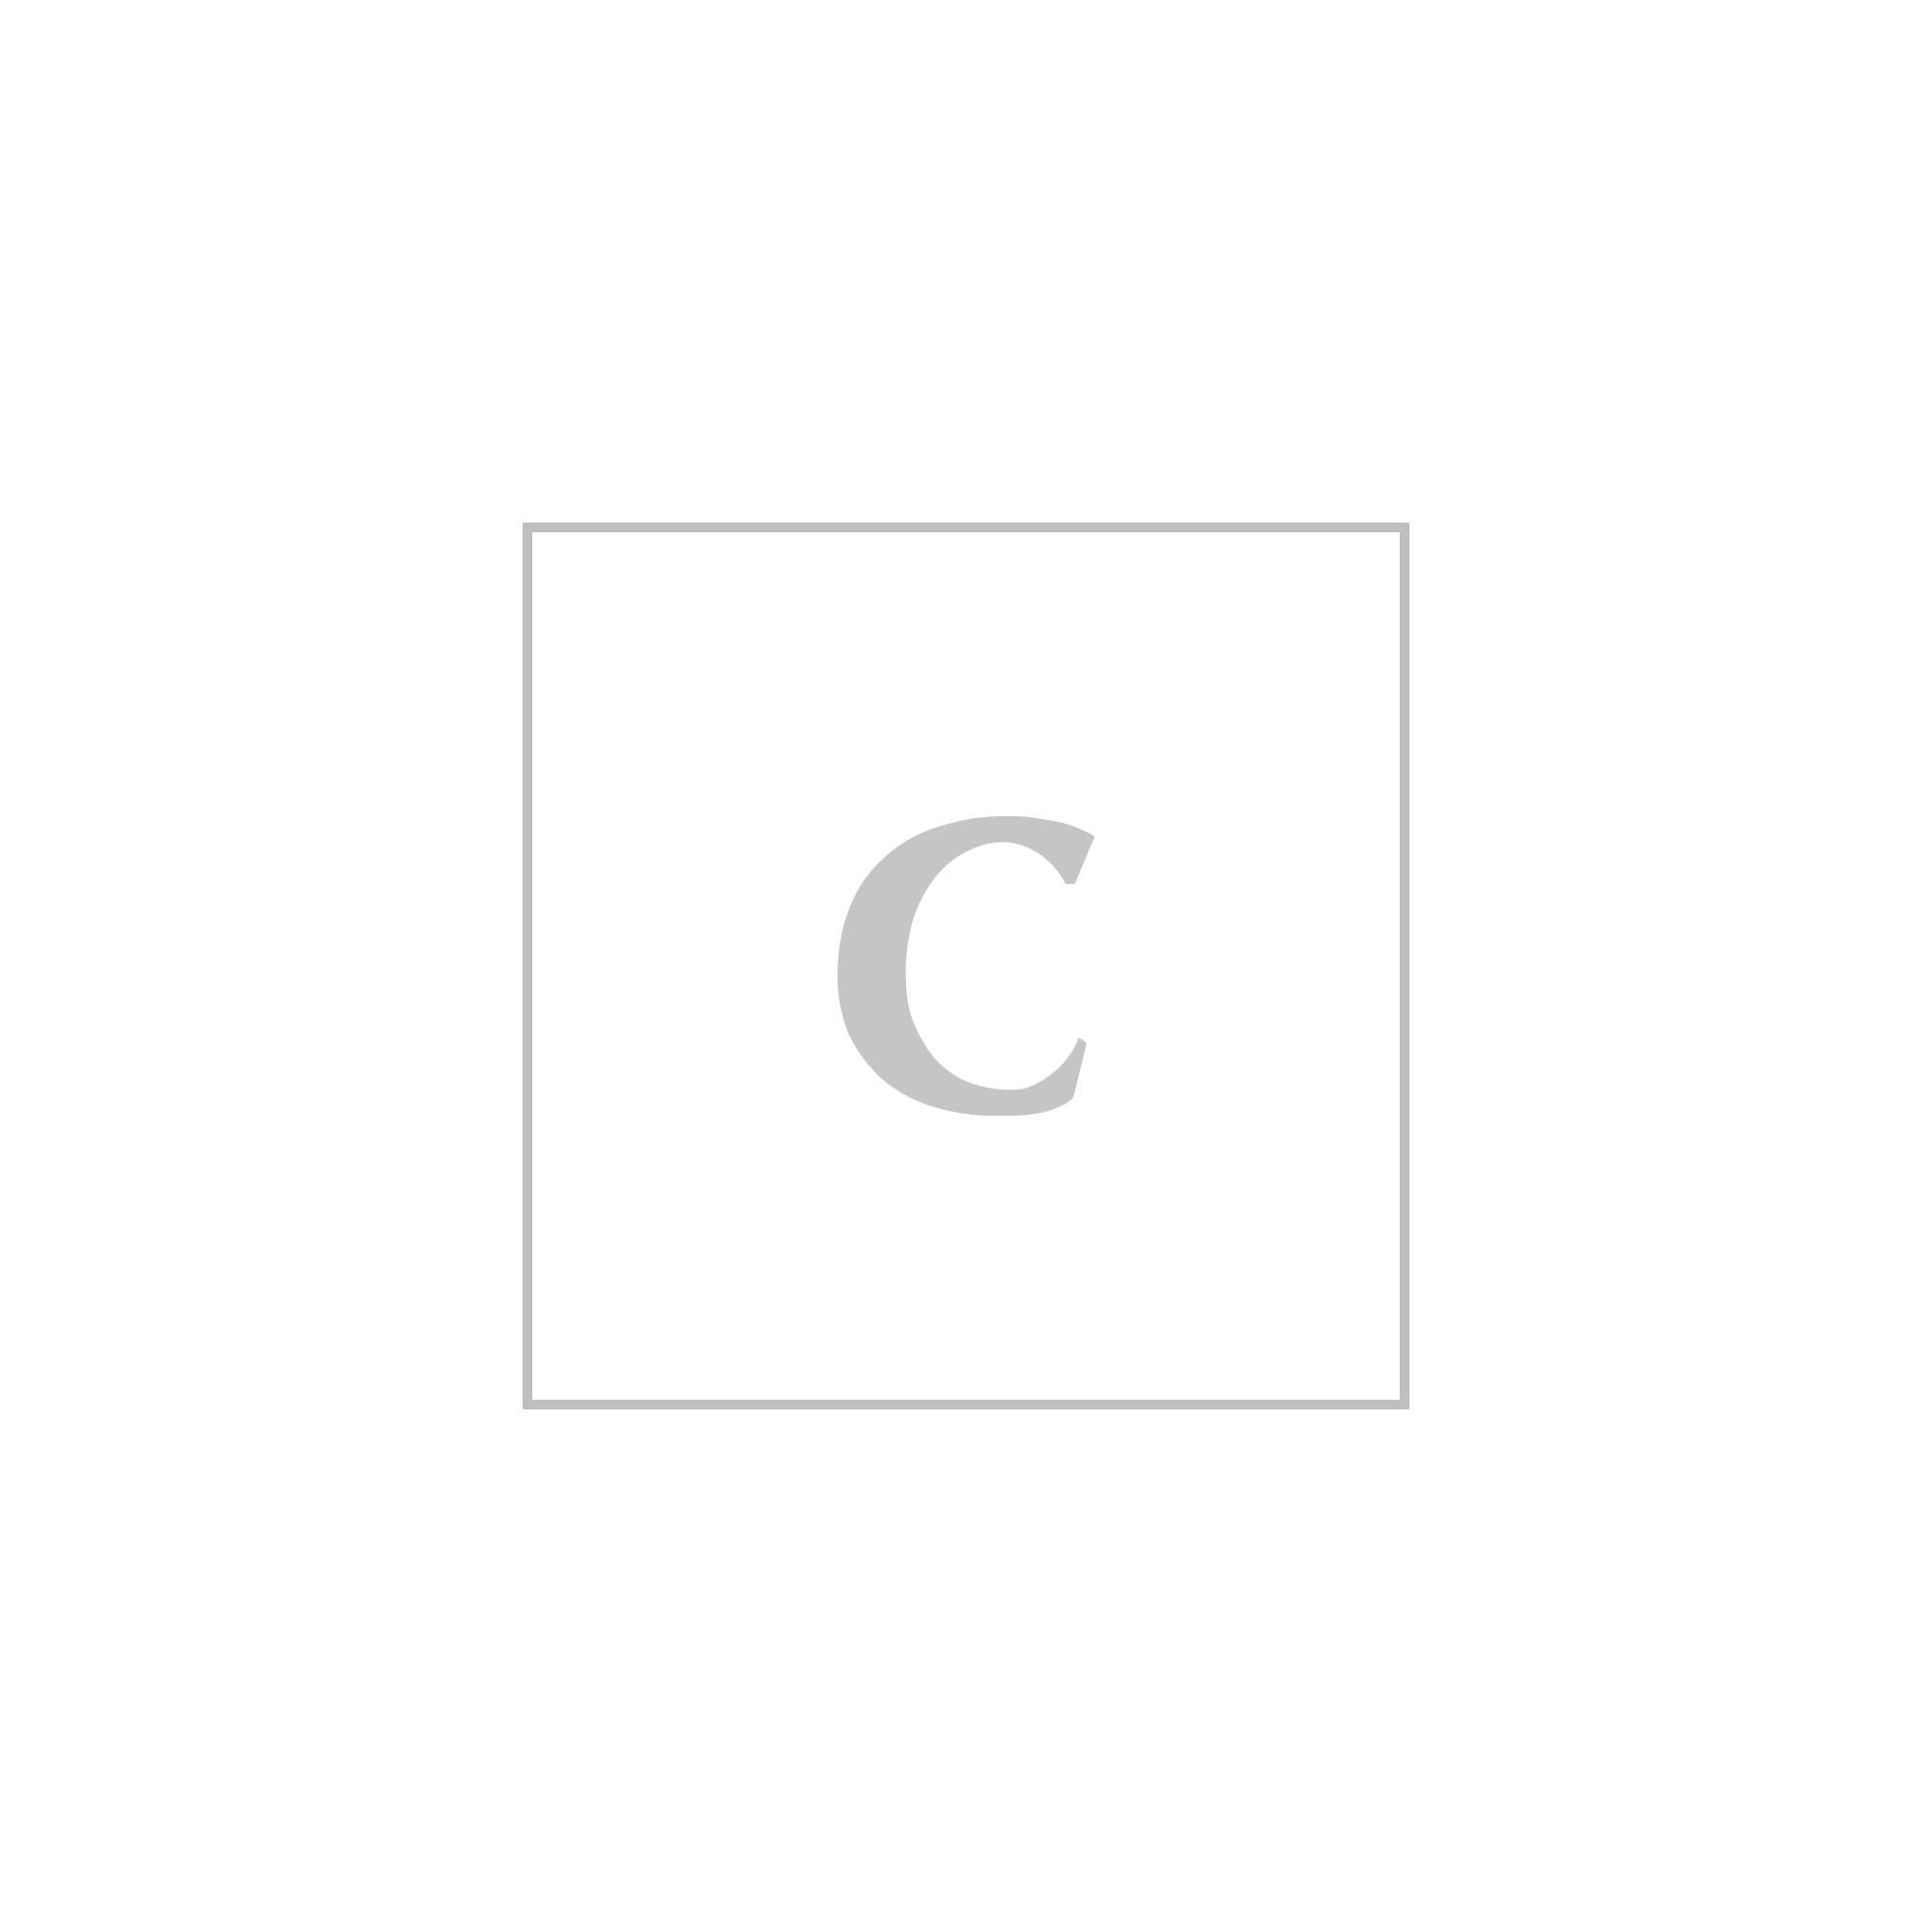 ... See by chloÉ mini kriss crossbody bag ... 922c8d0a1d